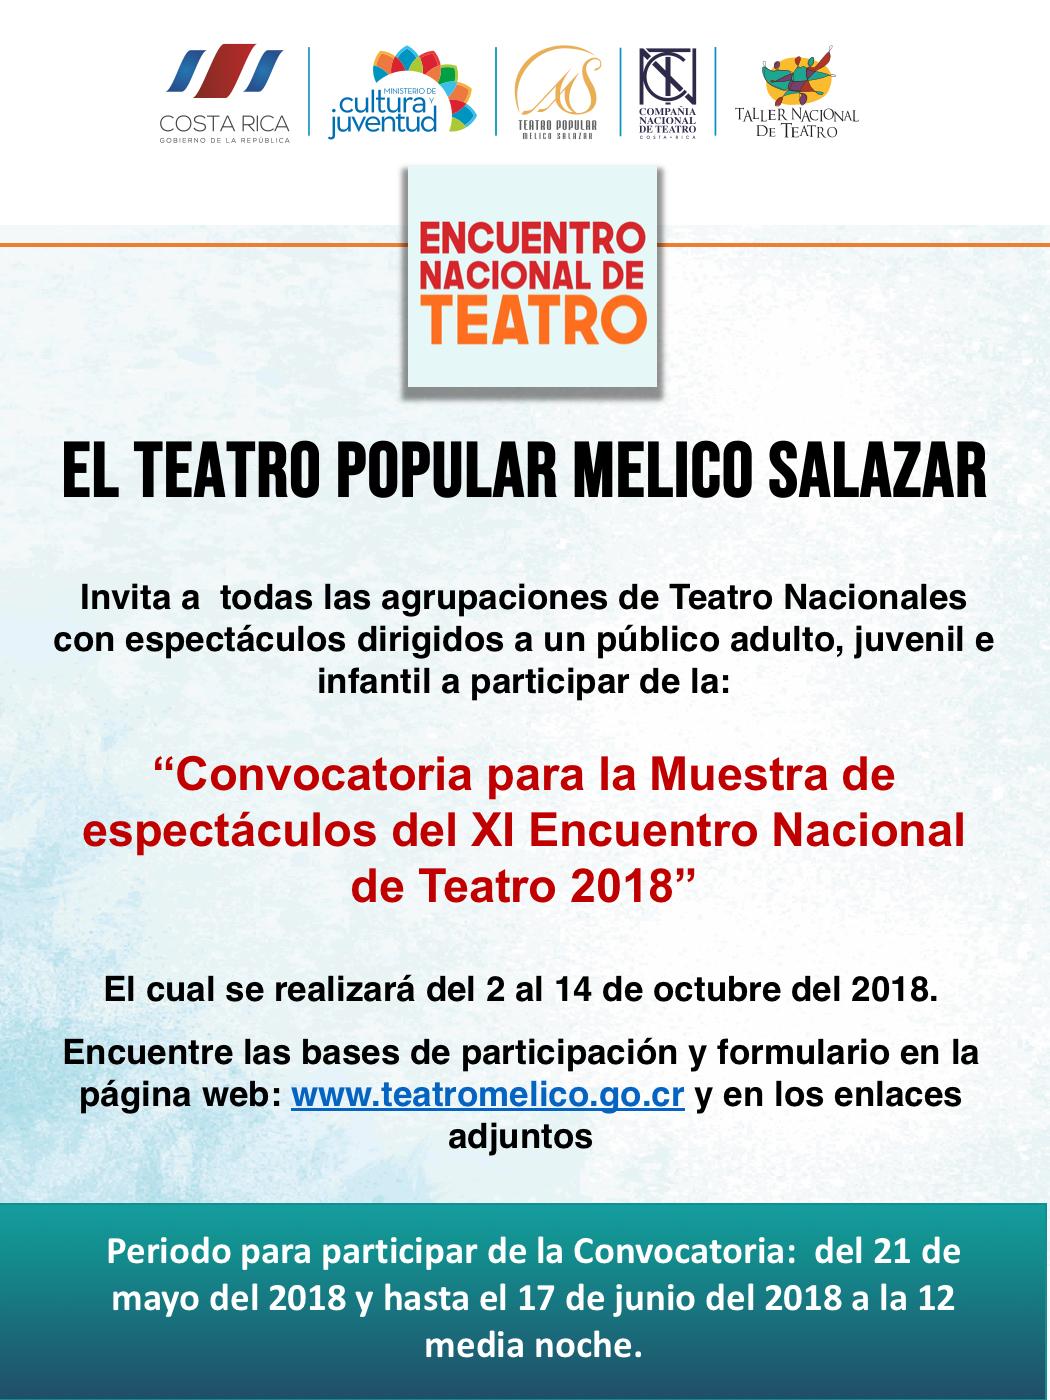 https://teatromelico.go.cr/images/ConvocatoriaENT18.png